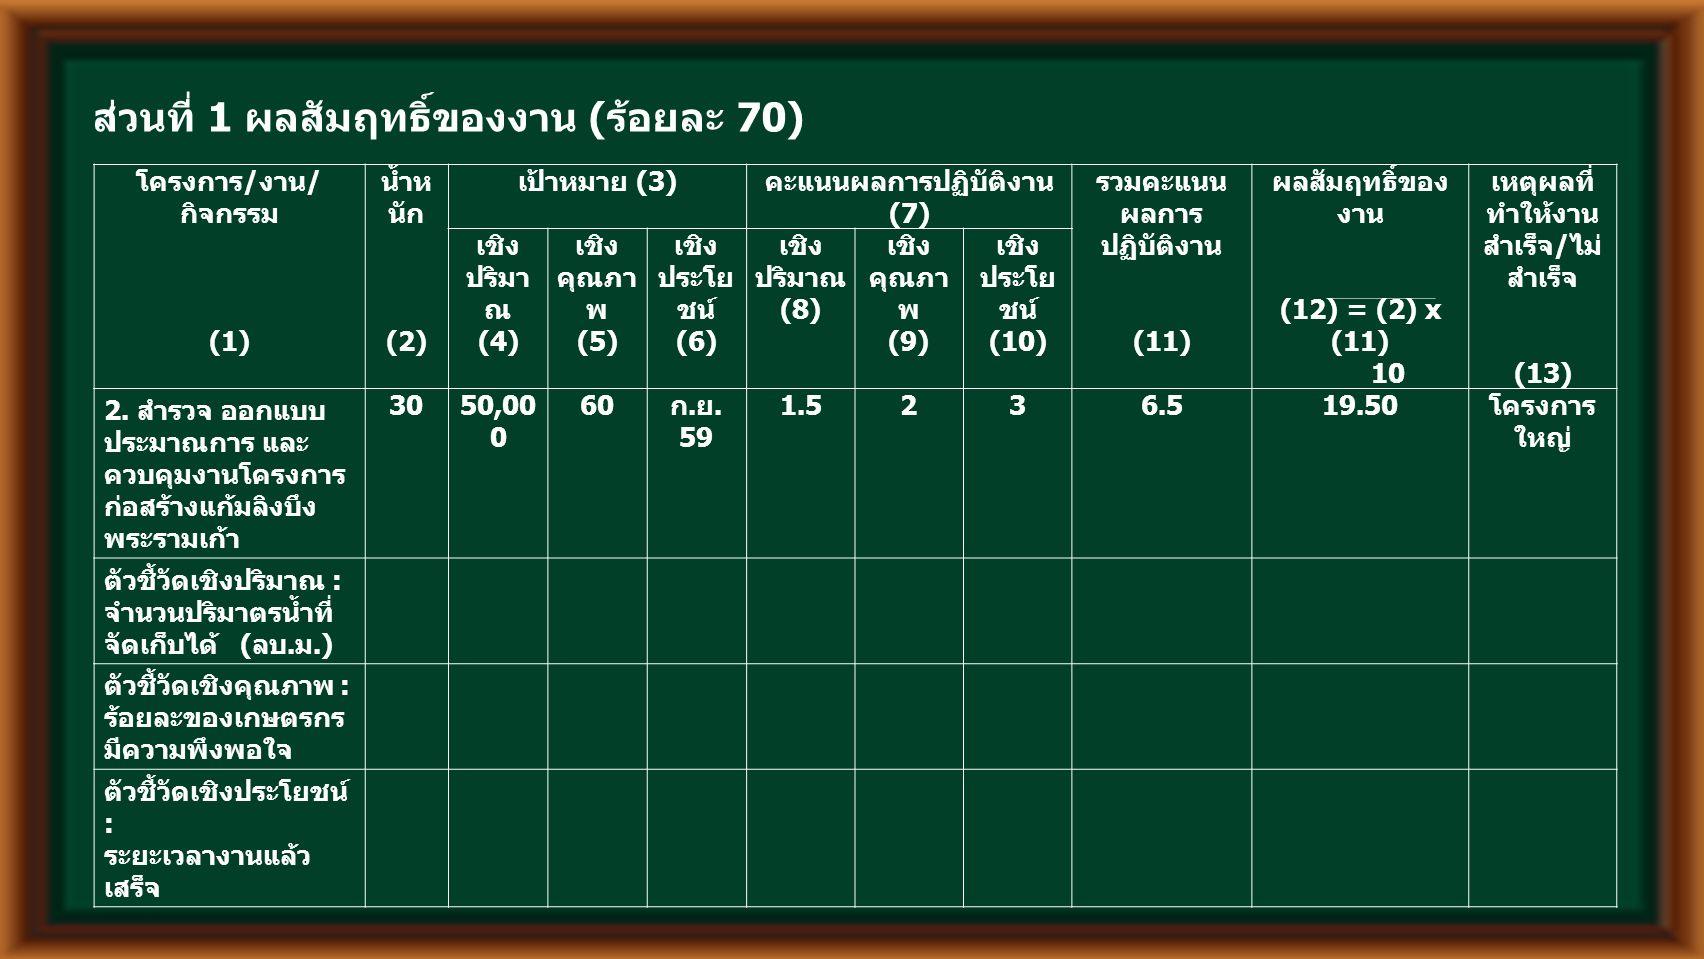 ส่วนที่ 1 ผลสัมฤทธิ์ของงาน ( ร้อยละ 70) โครงการ / งาน / กิจกรรม (1) น้ำห นัก (2) เป้าหมาย (3) คะแนนผลการปฏิบัติงาน (7) รวมคะแนน ผลการ ปฏิบัติงาน (11) ผลสัมฤทธิ์ของ งาน (12) = (2) x (11) 10 เหตุผลที่ ทำให้งาน สำเร็จ / ไม่ สำเร็จ (13) เชิง ปริมา ณ (4) เชิง คุณภา พ (5) เชิง ประโย ชน์ (6) เชิง ปริมาณ (8) เชิง คุณภา พ (9) เชิง ประโย ชน์ (10) 2.